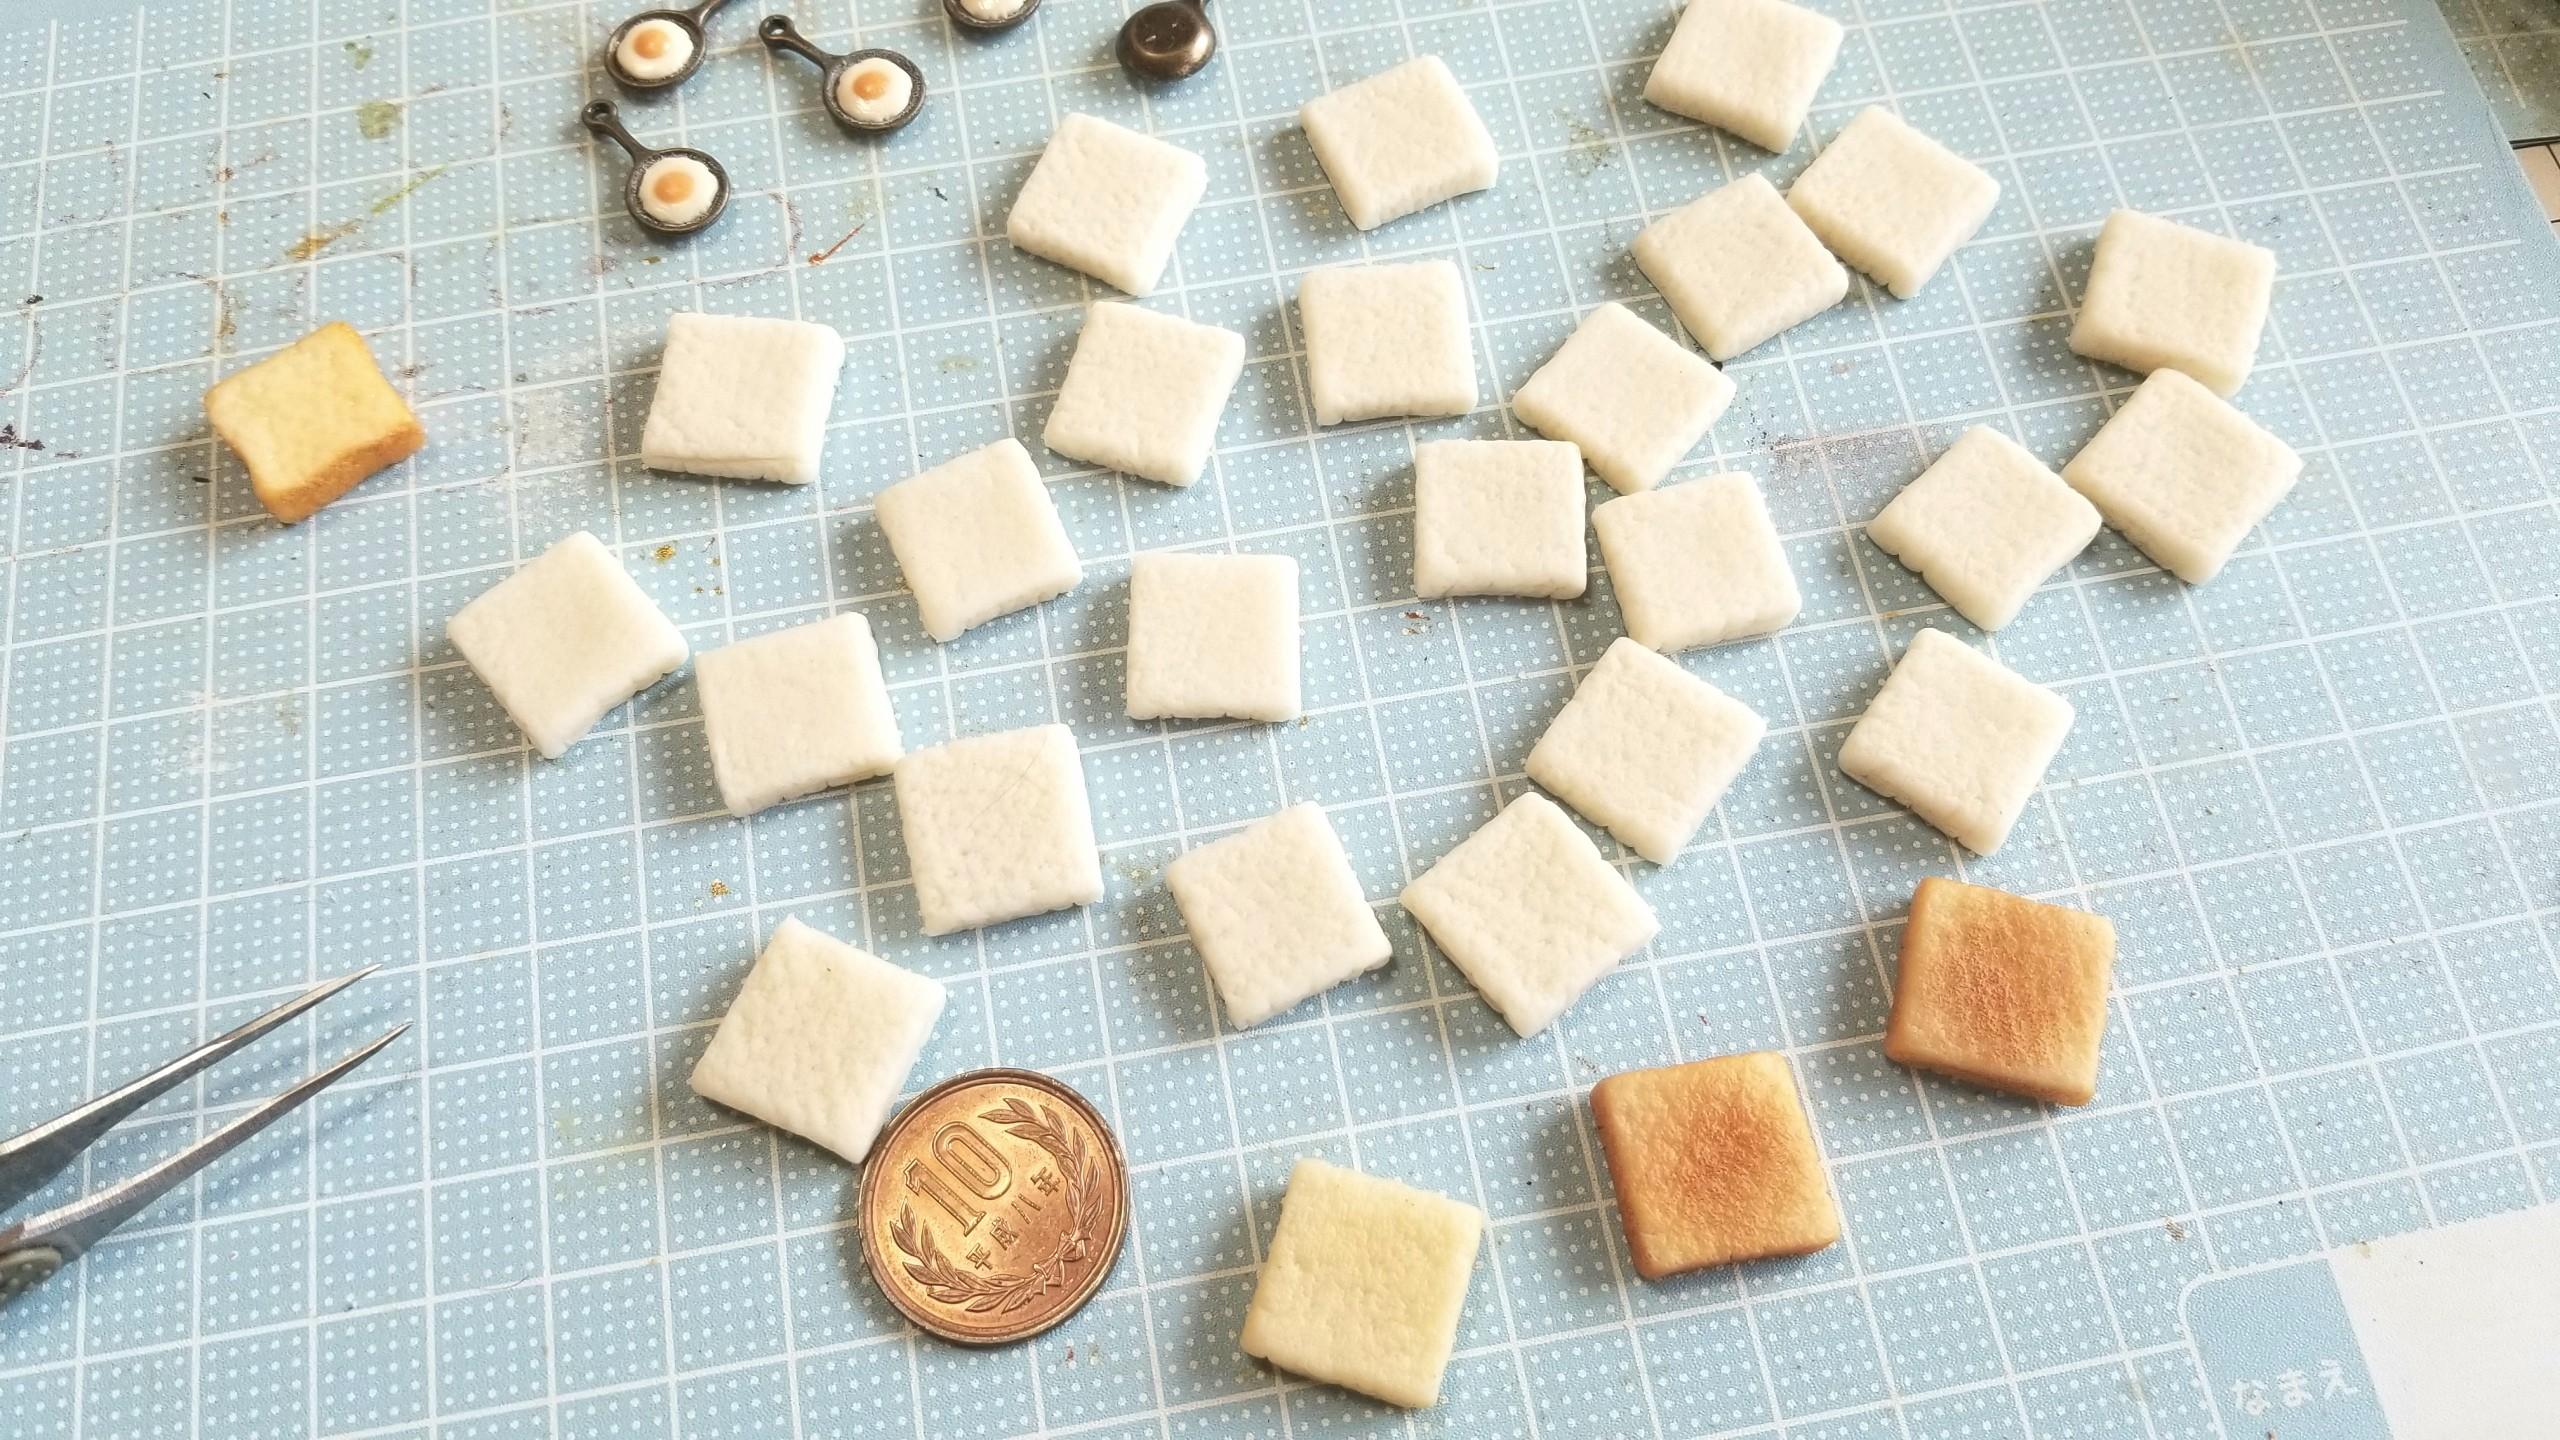 ミニチュアの作り方,トースト,樹脂粘土アート作品自作,ドール用小物